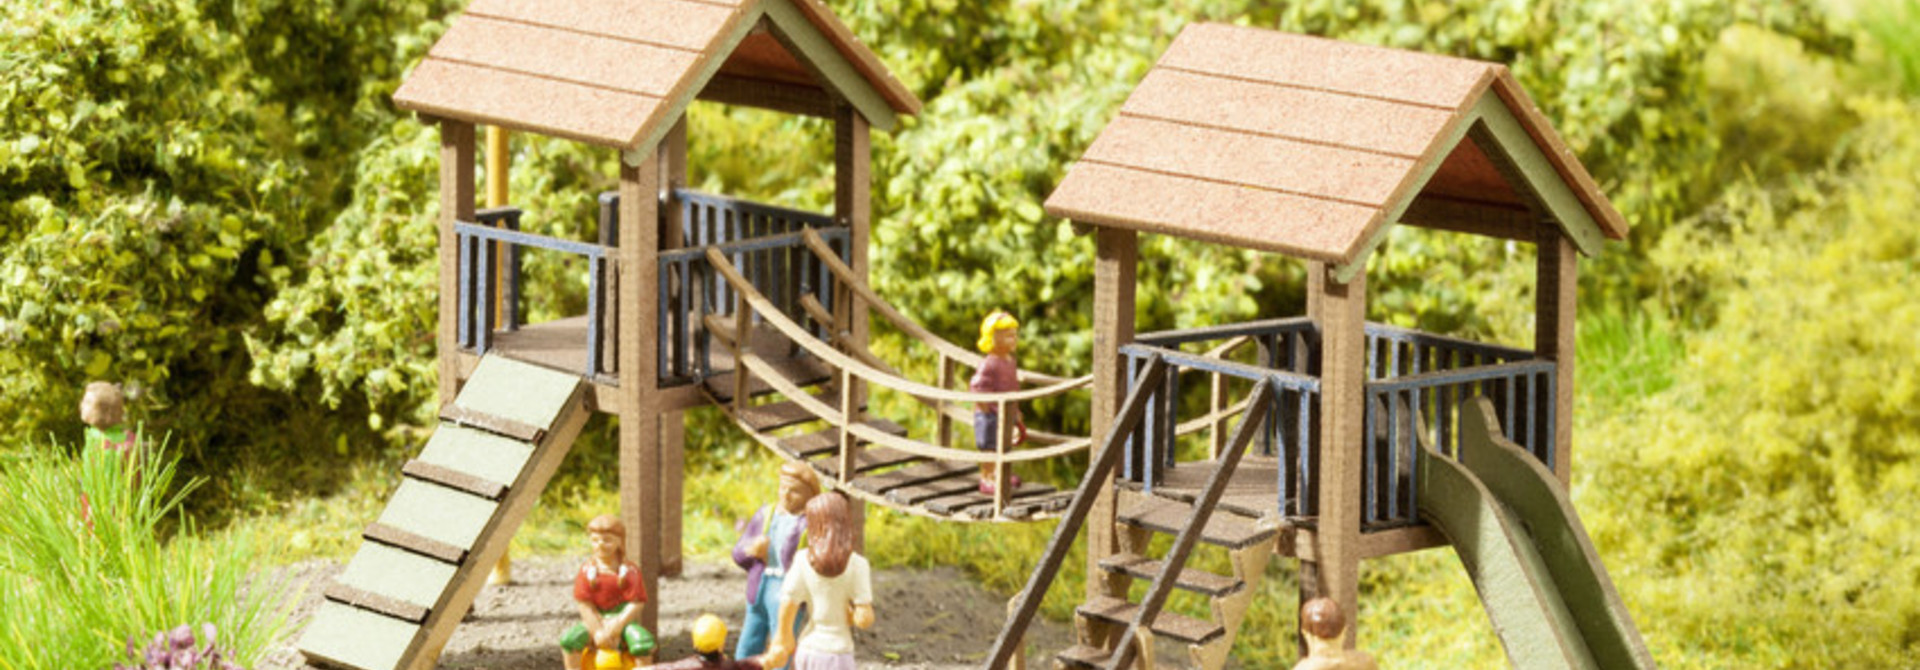 14367 Abenteuer-Spielplatz